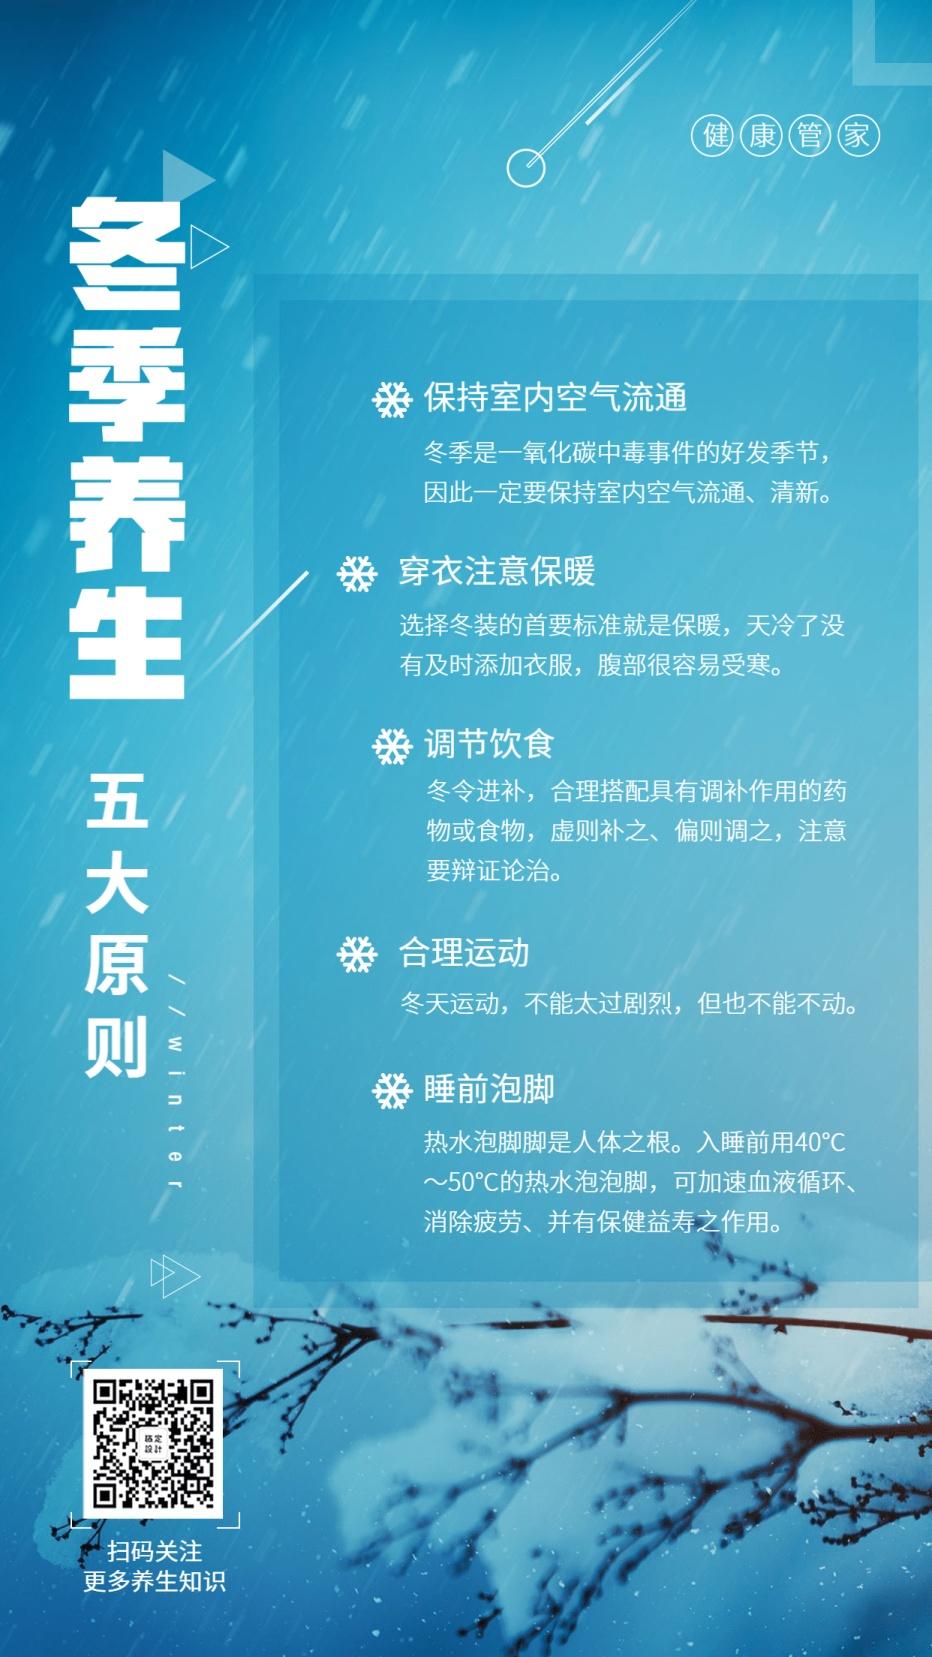 健康养生冬季养生手机海报